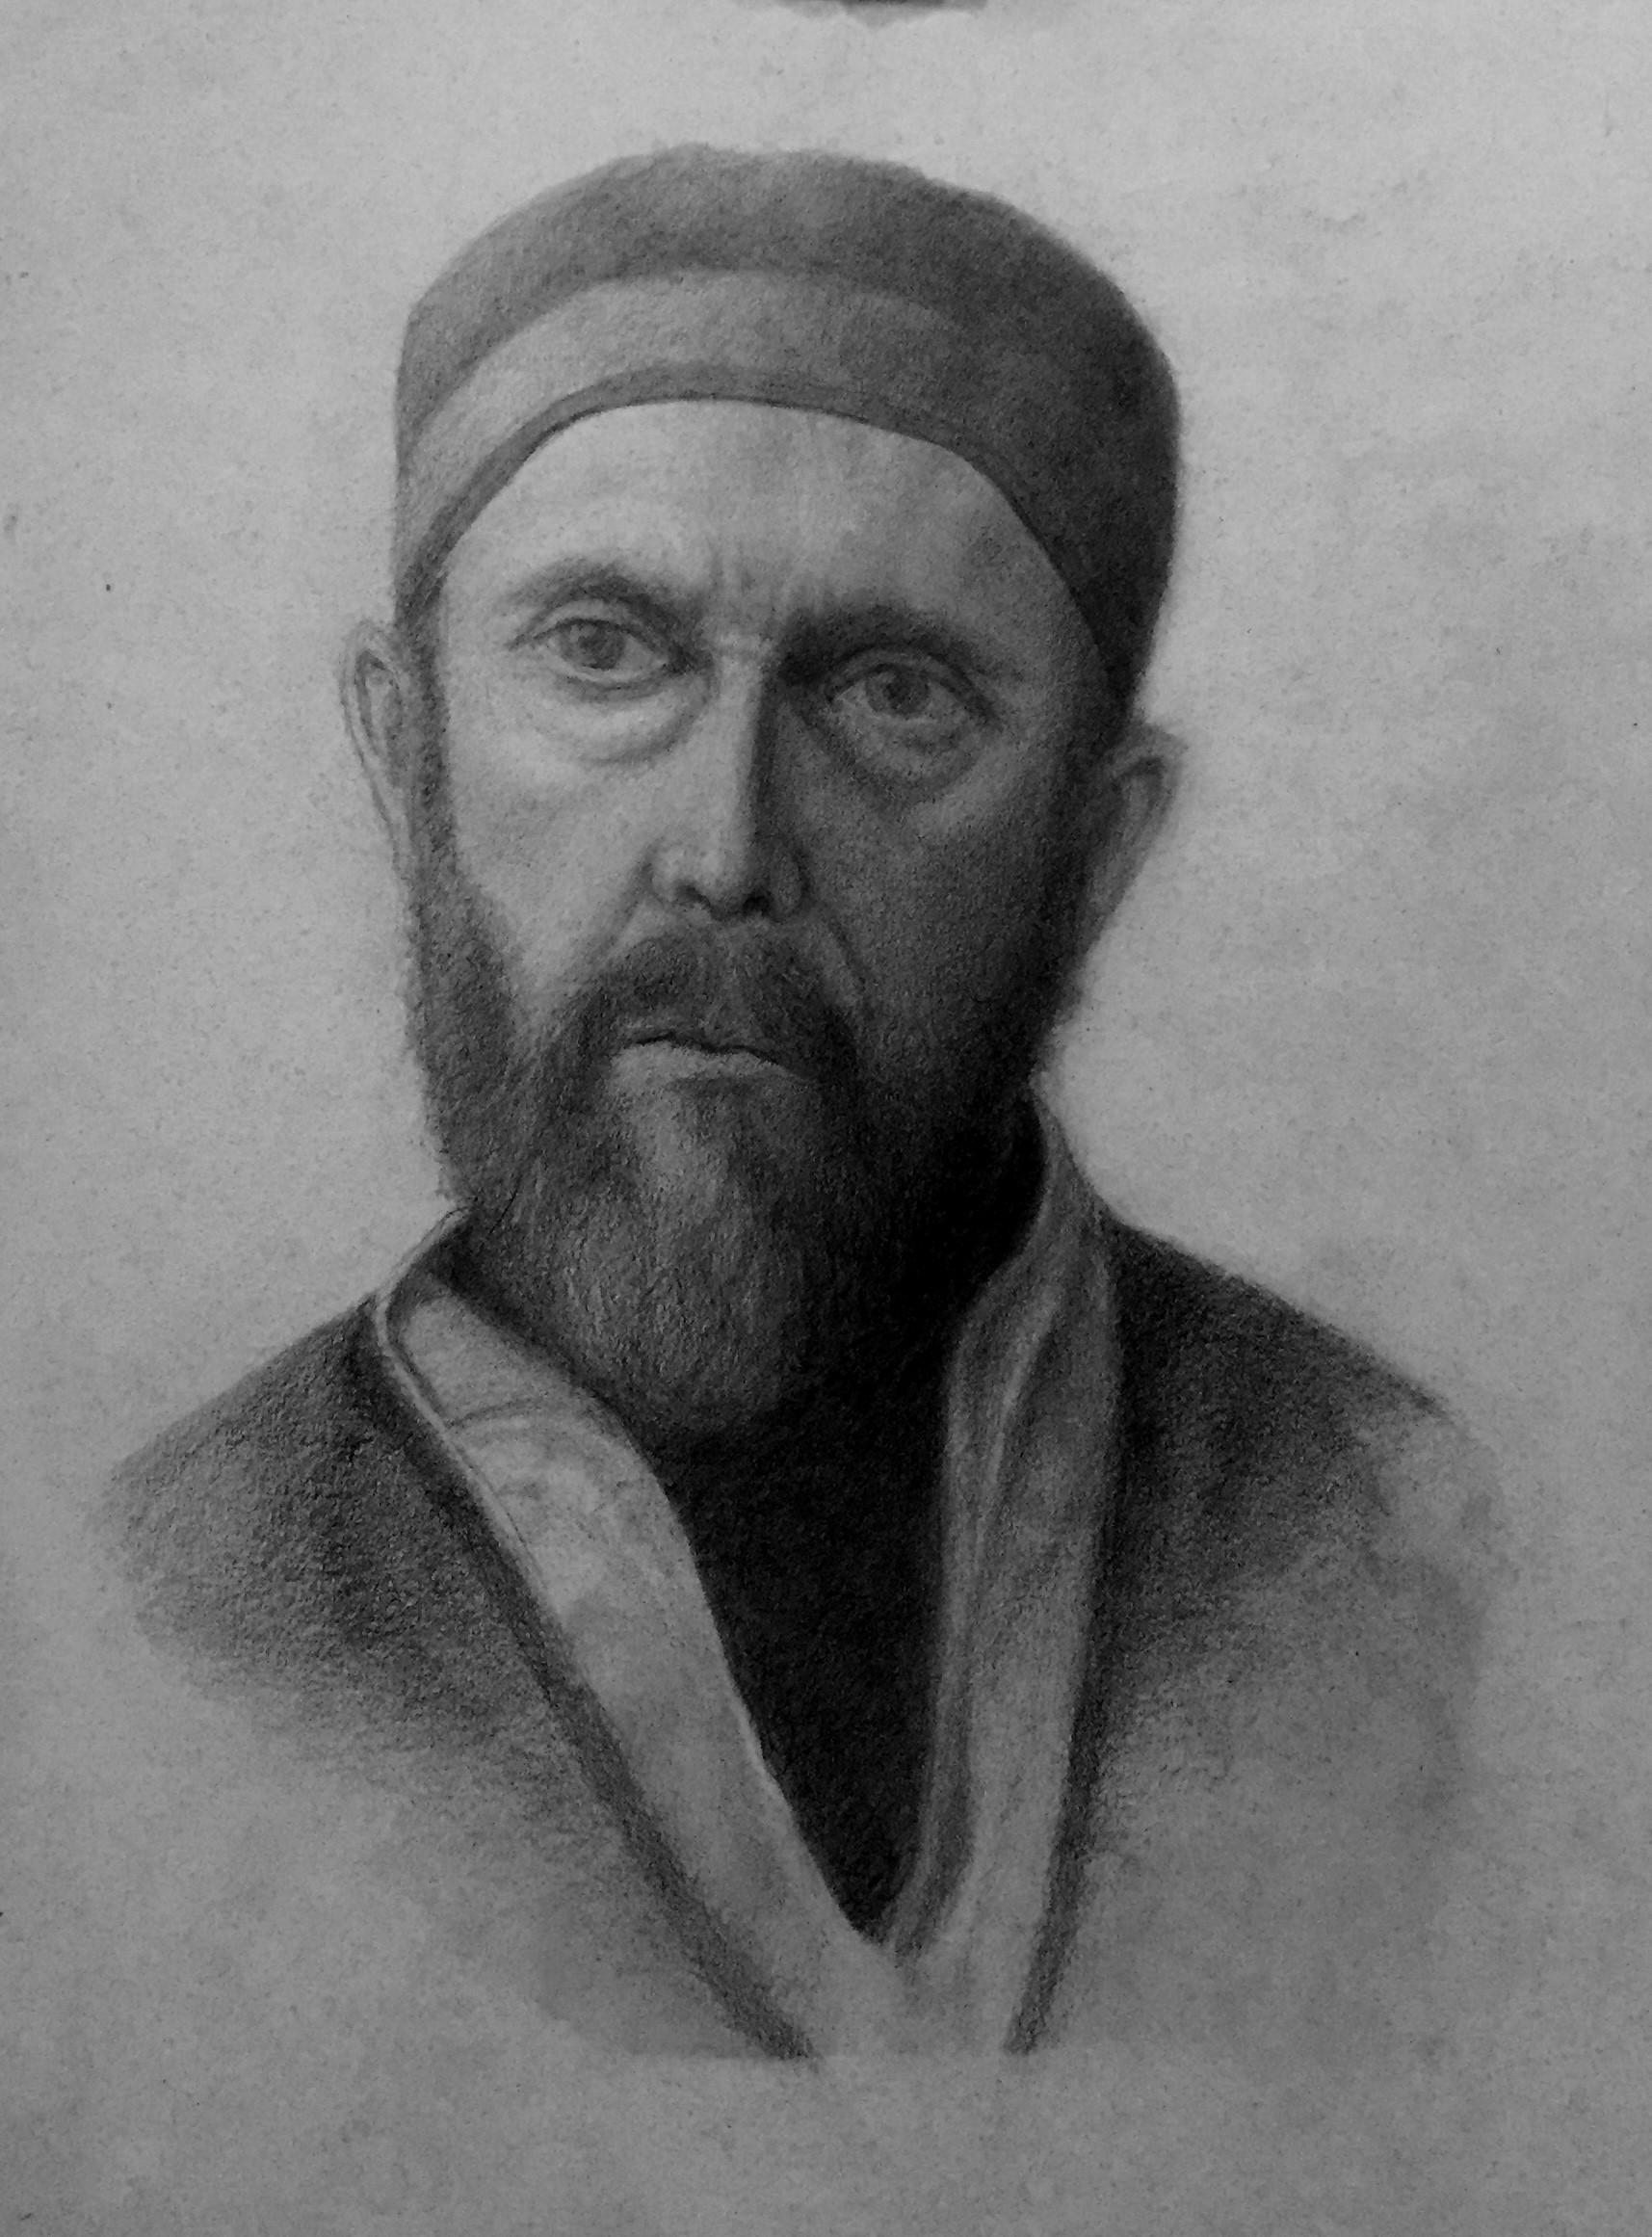 An Imaginative Portrait of the Kabbalaist